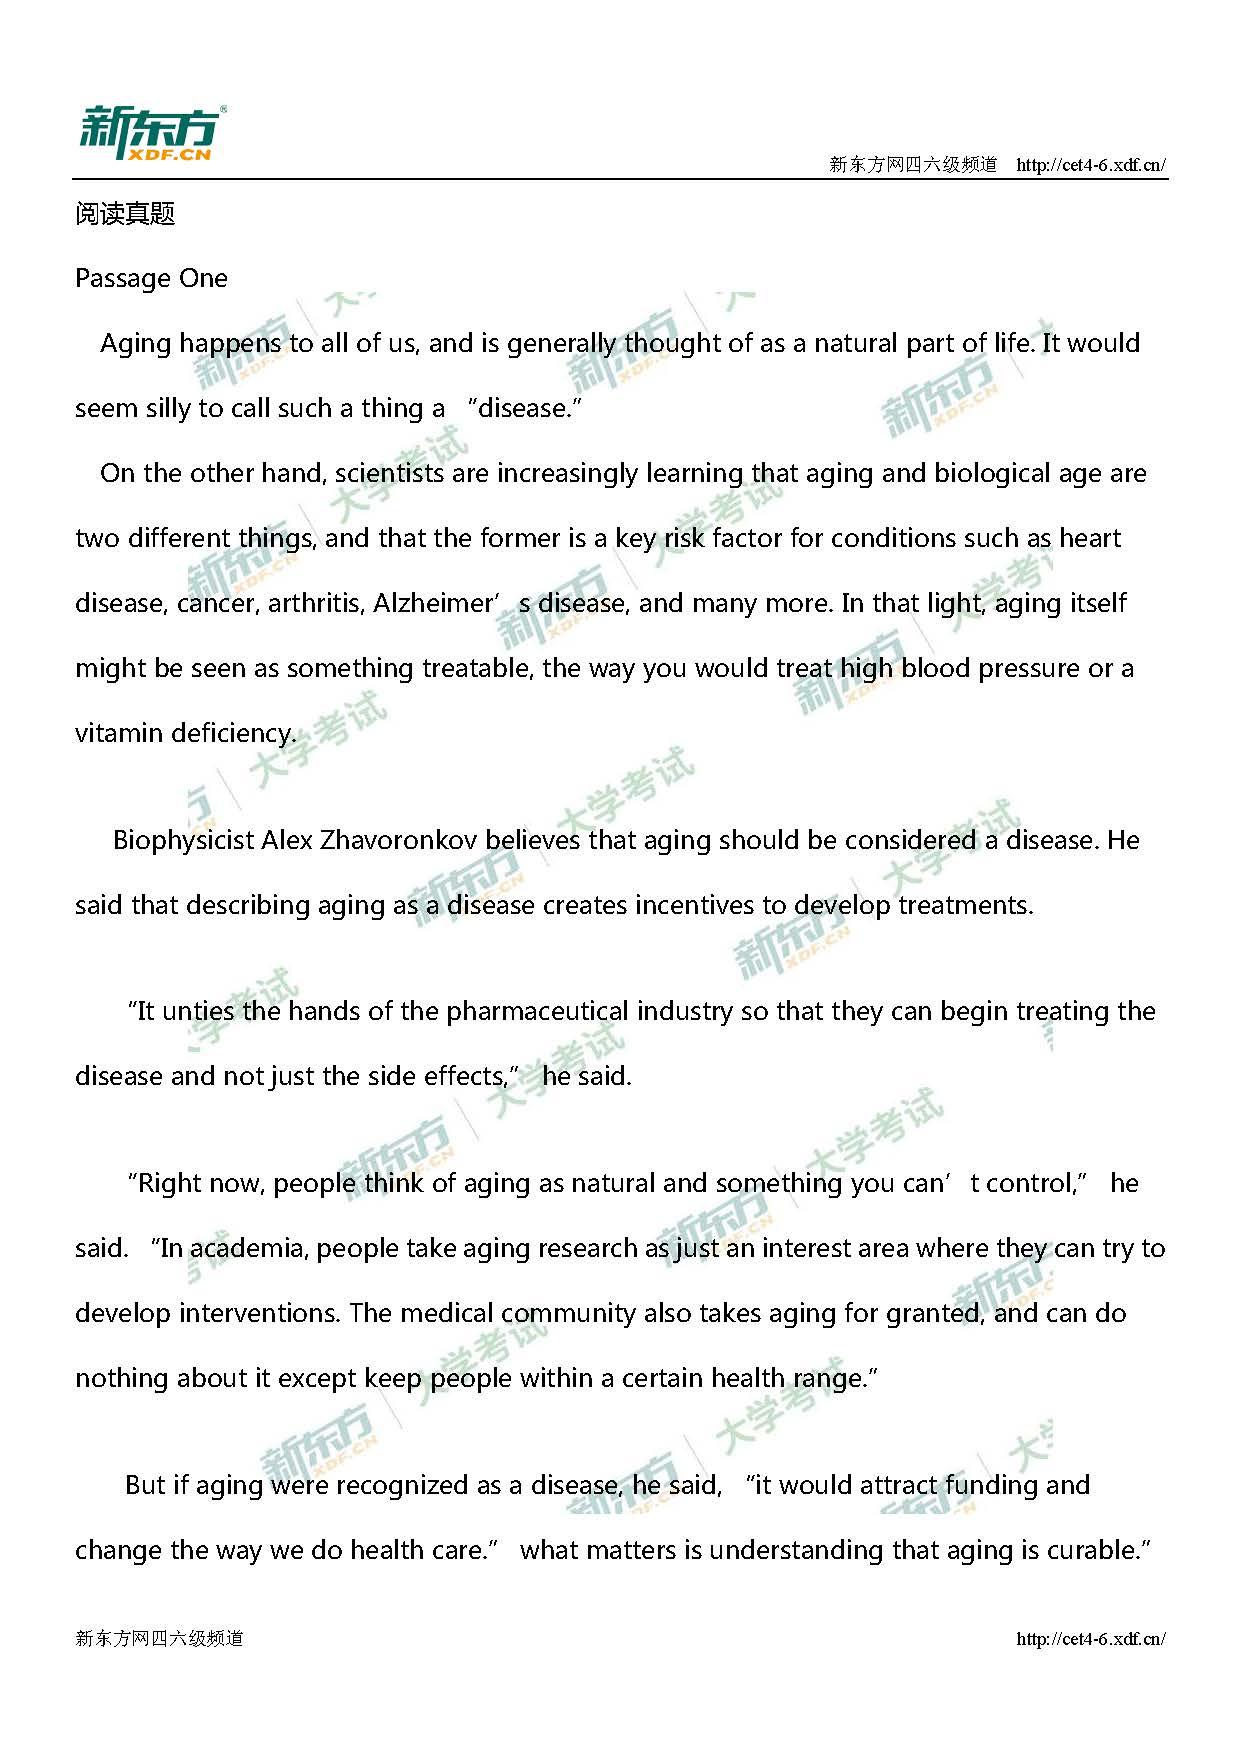 2017年12月英语四级阅读第二套Passage真题答案解析